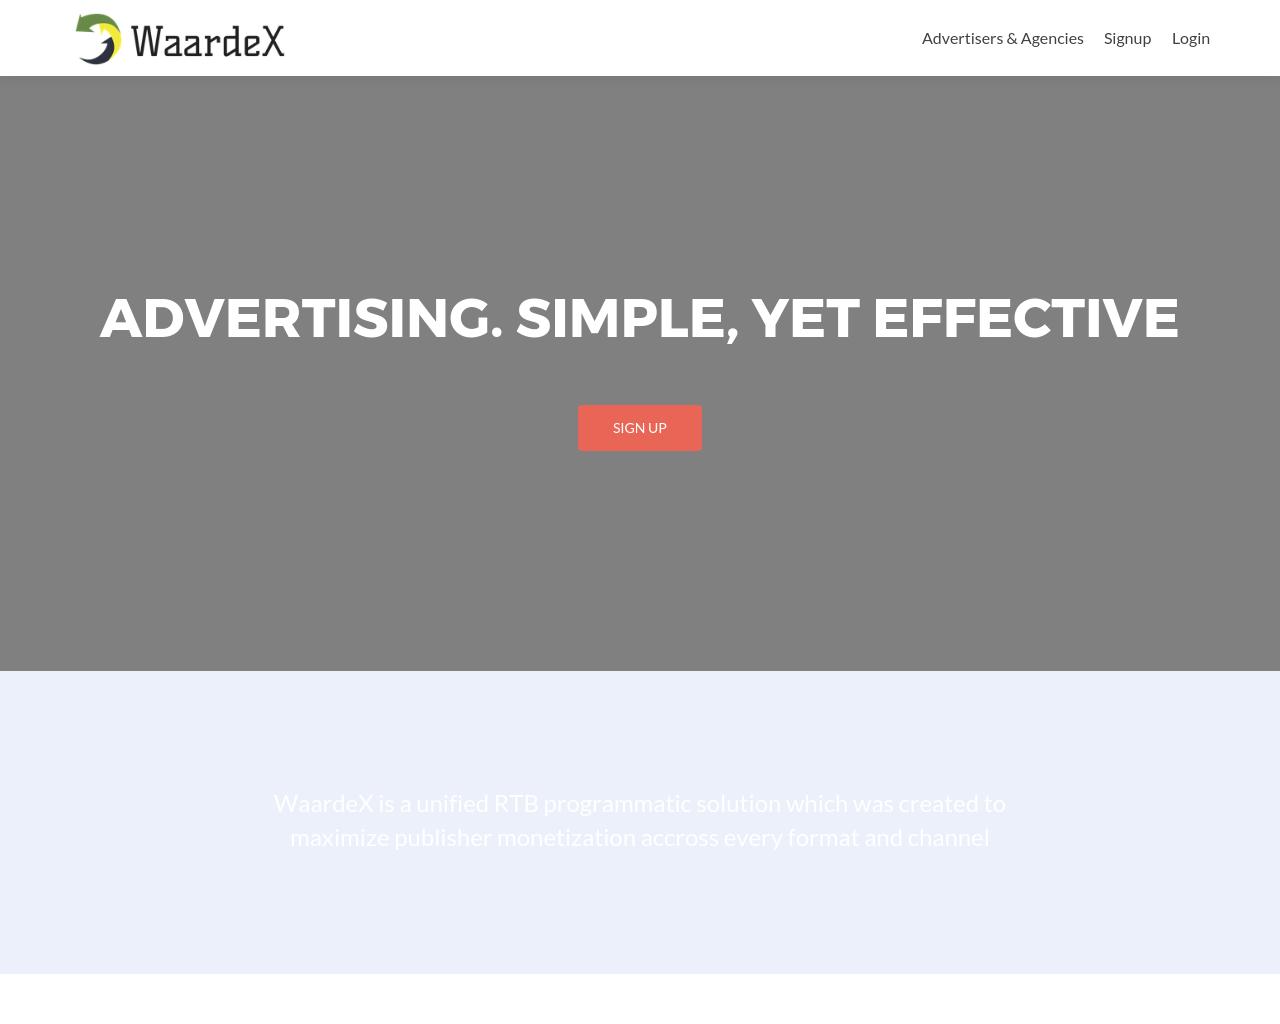 WaardeX-Advertising-Reviews-Pricing